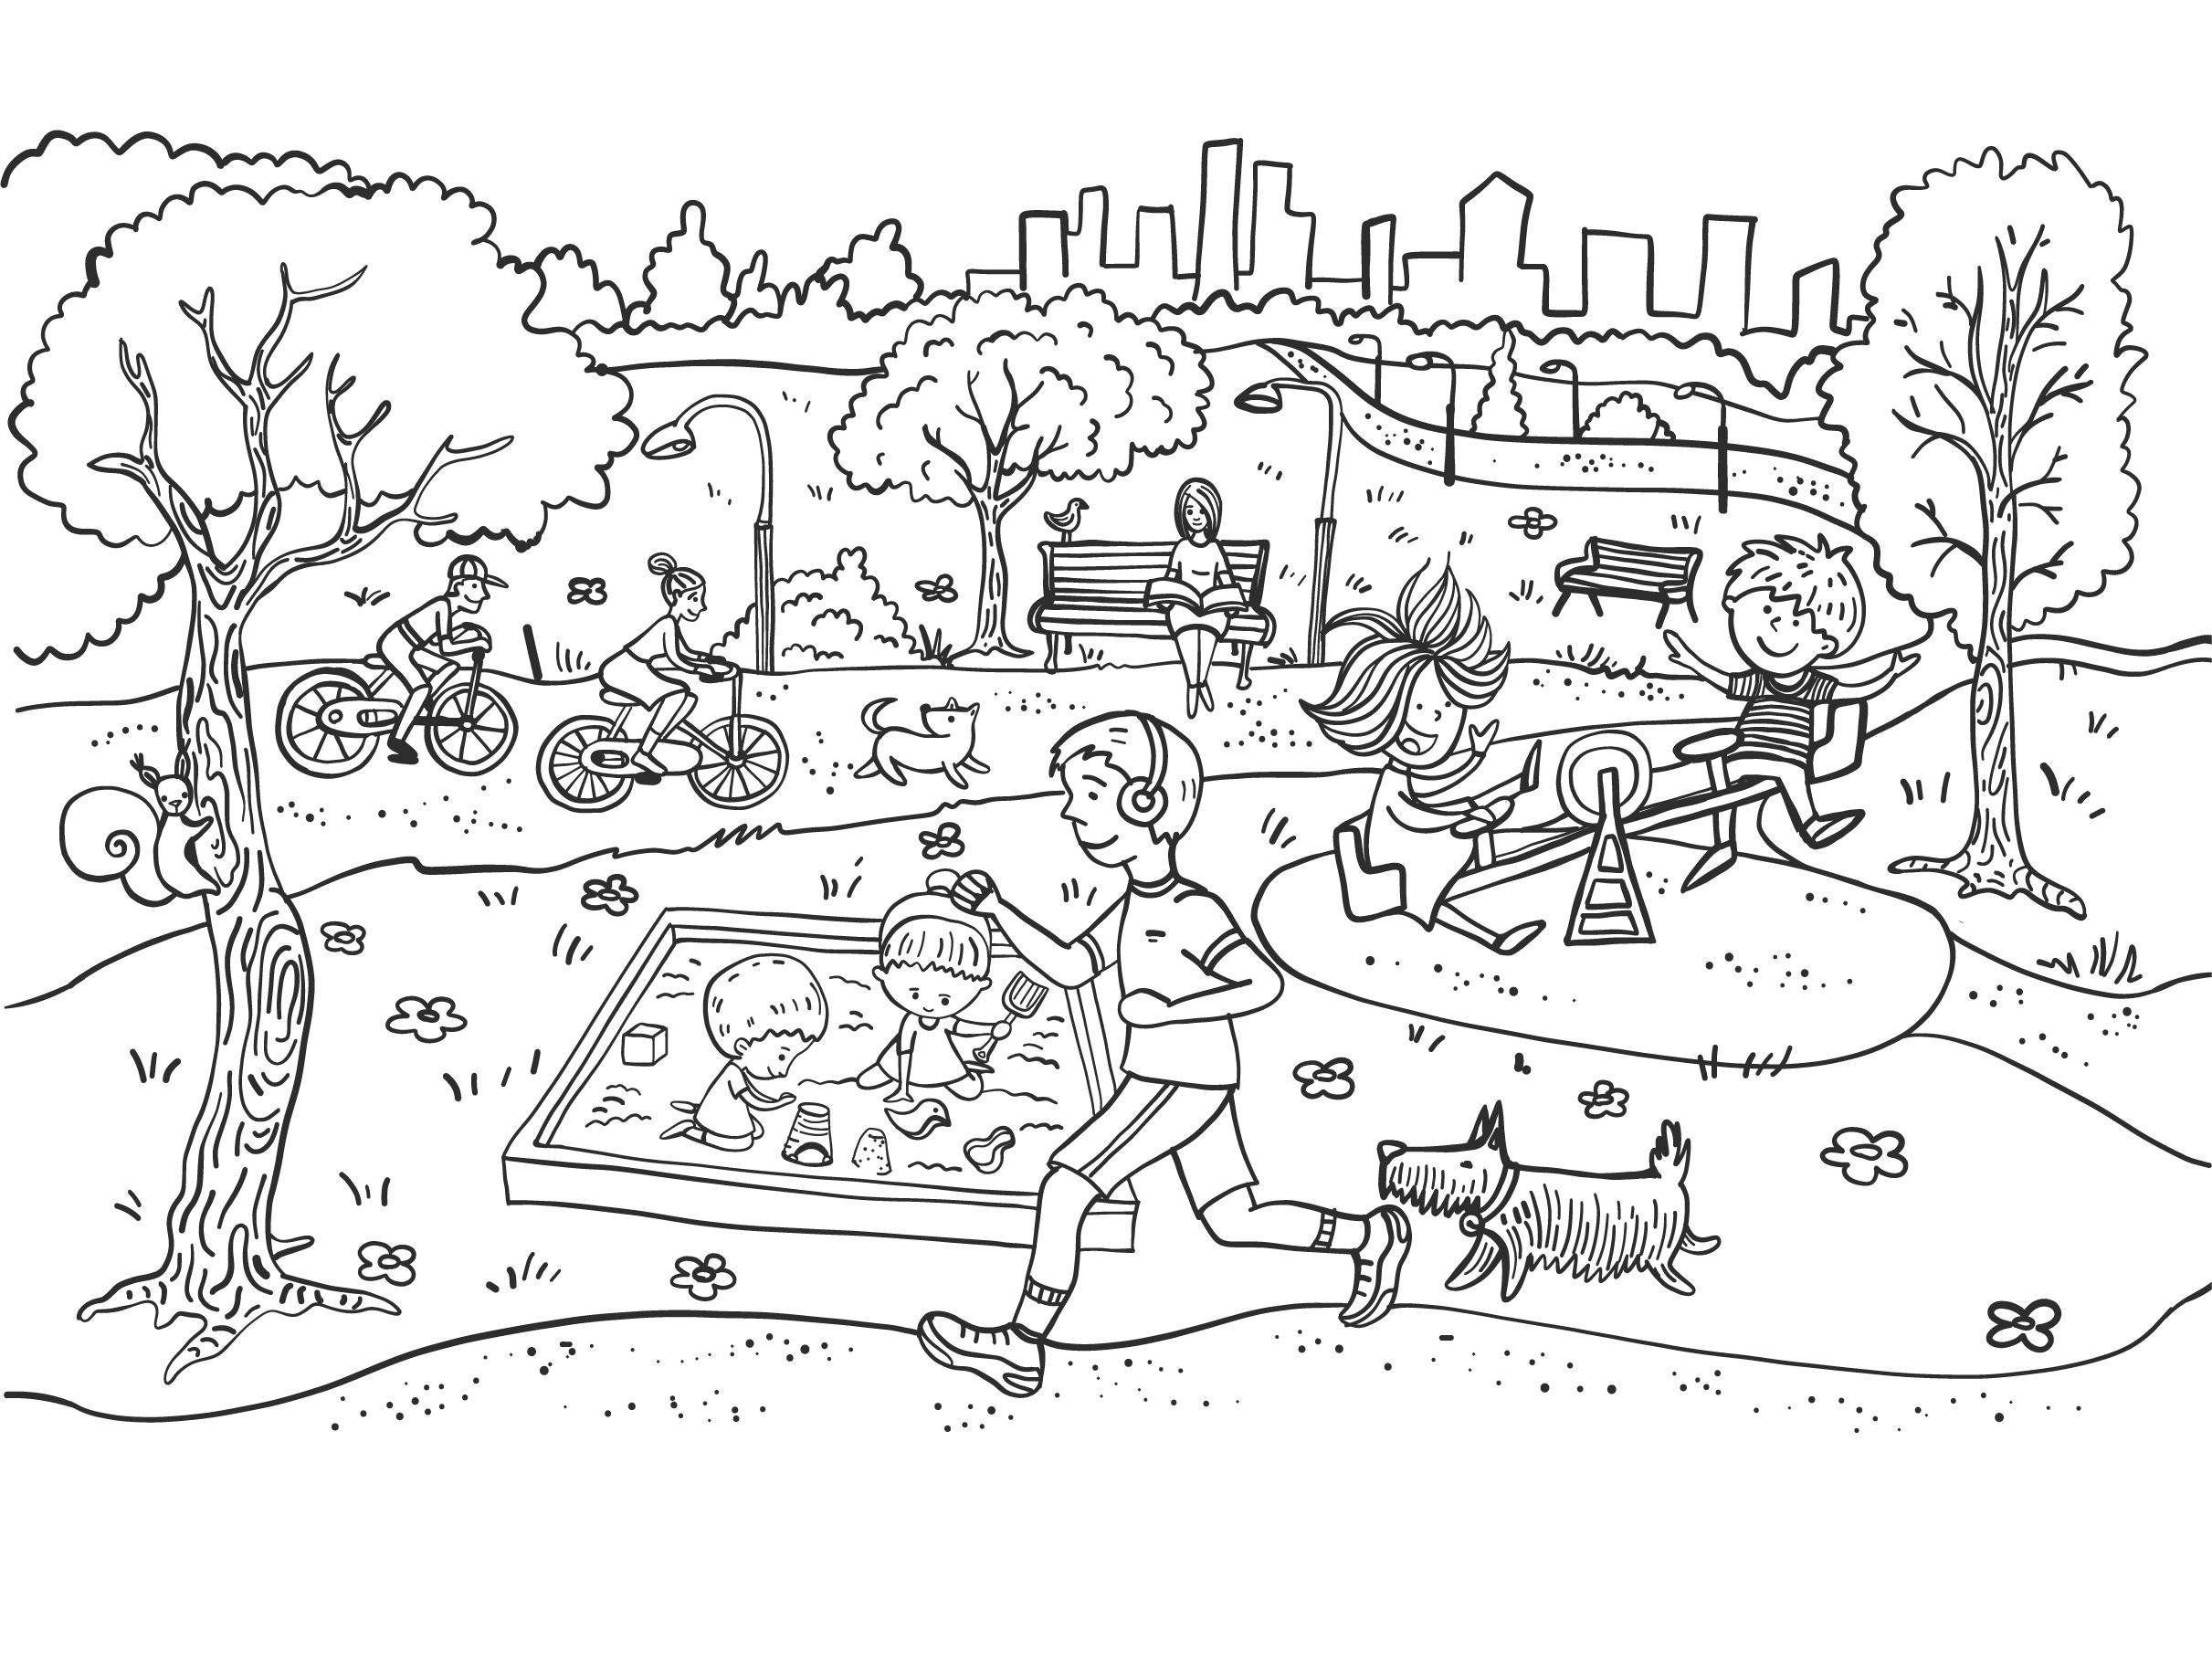 park placemat 40x30-01.png